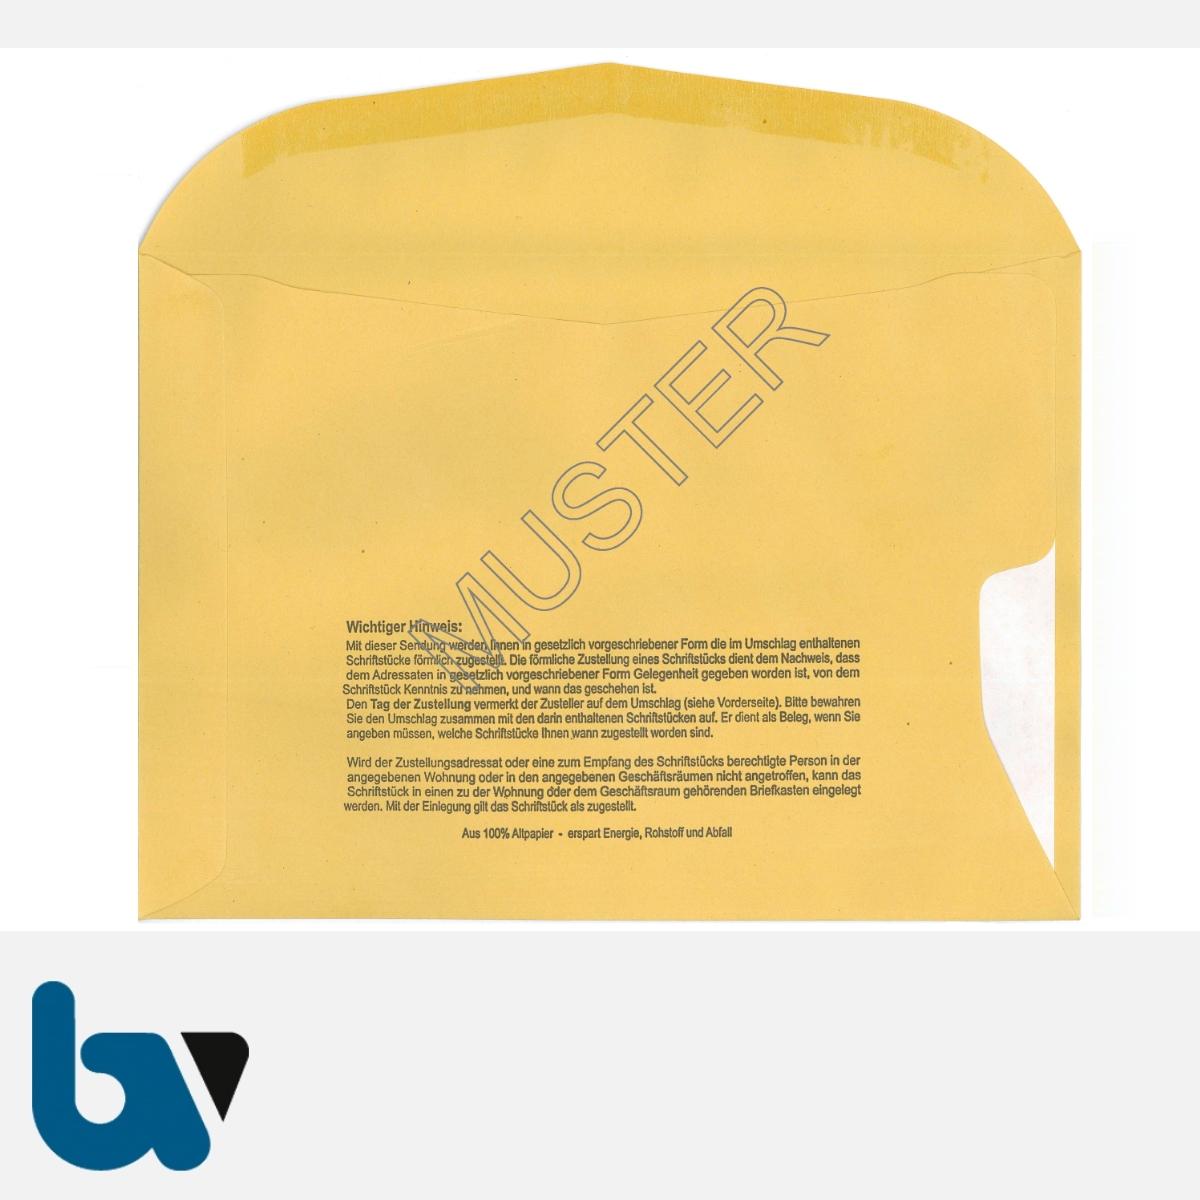 0/101-5.1 Förmliche Zustellung - Innerer Umschlag, DIN C5, mit Fenster, nassklebend, Rückseite | Borgard Verlag GmbH